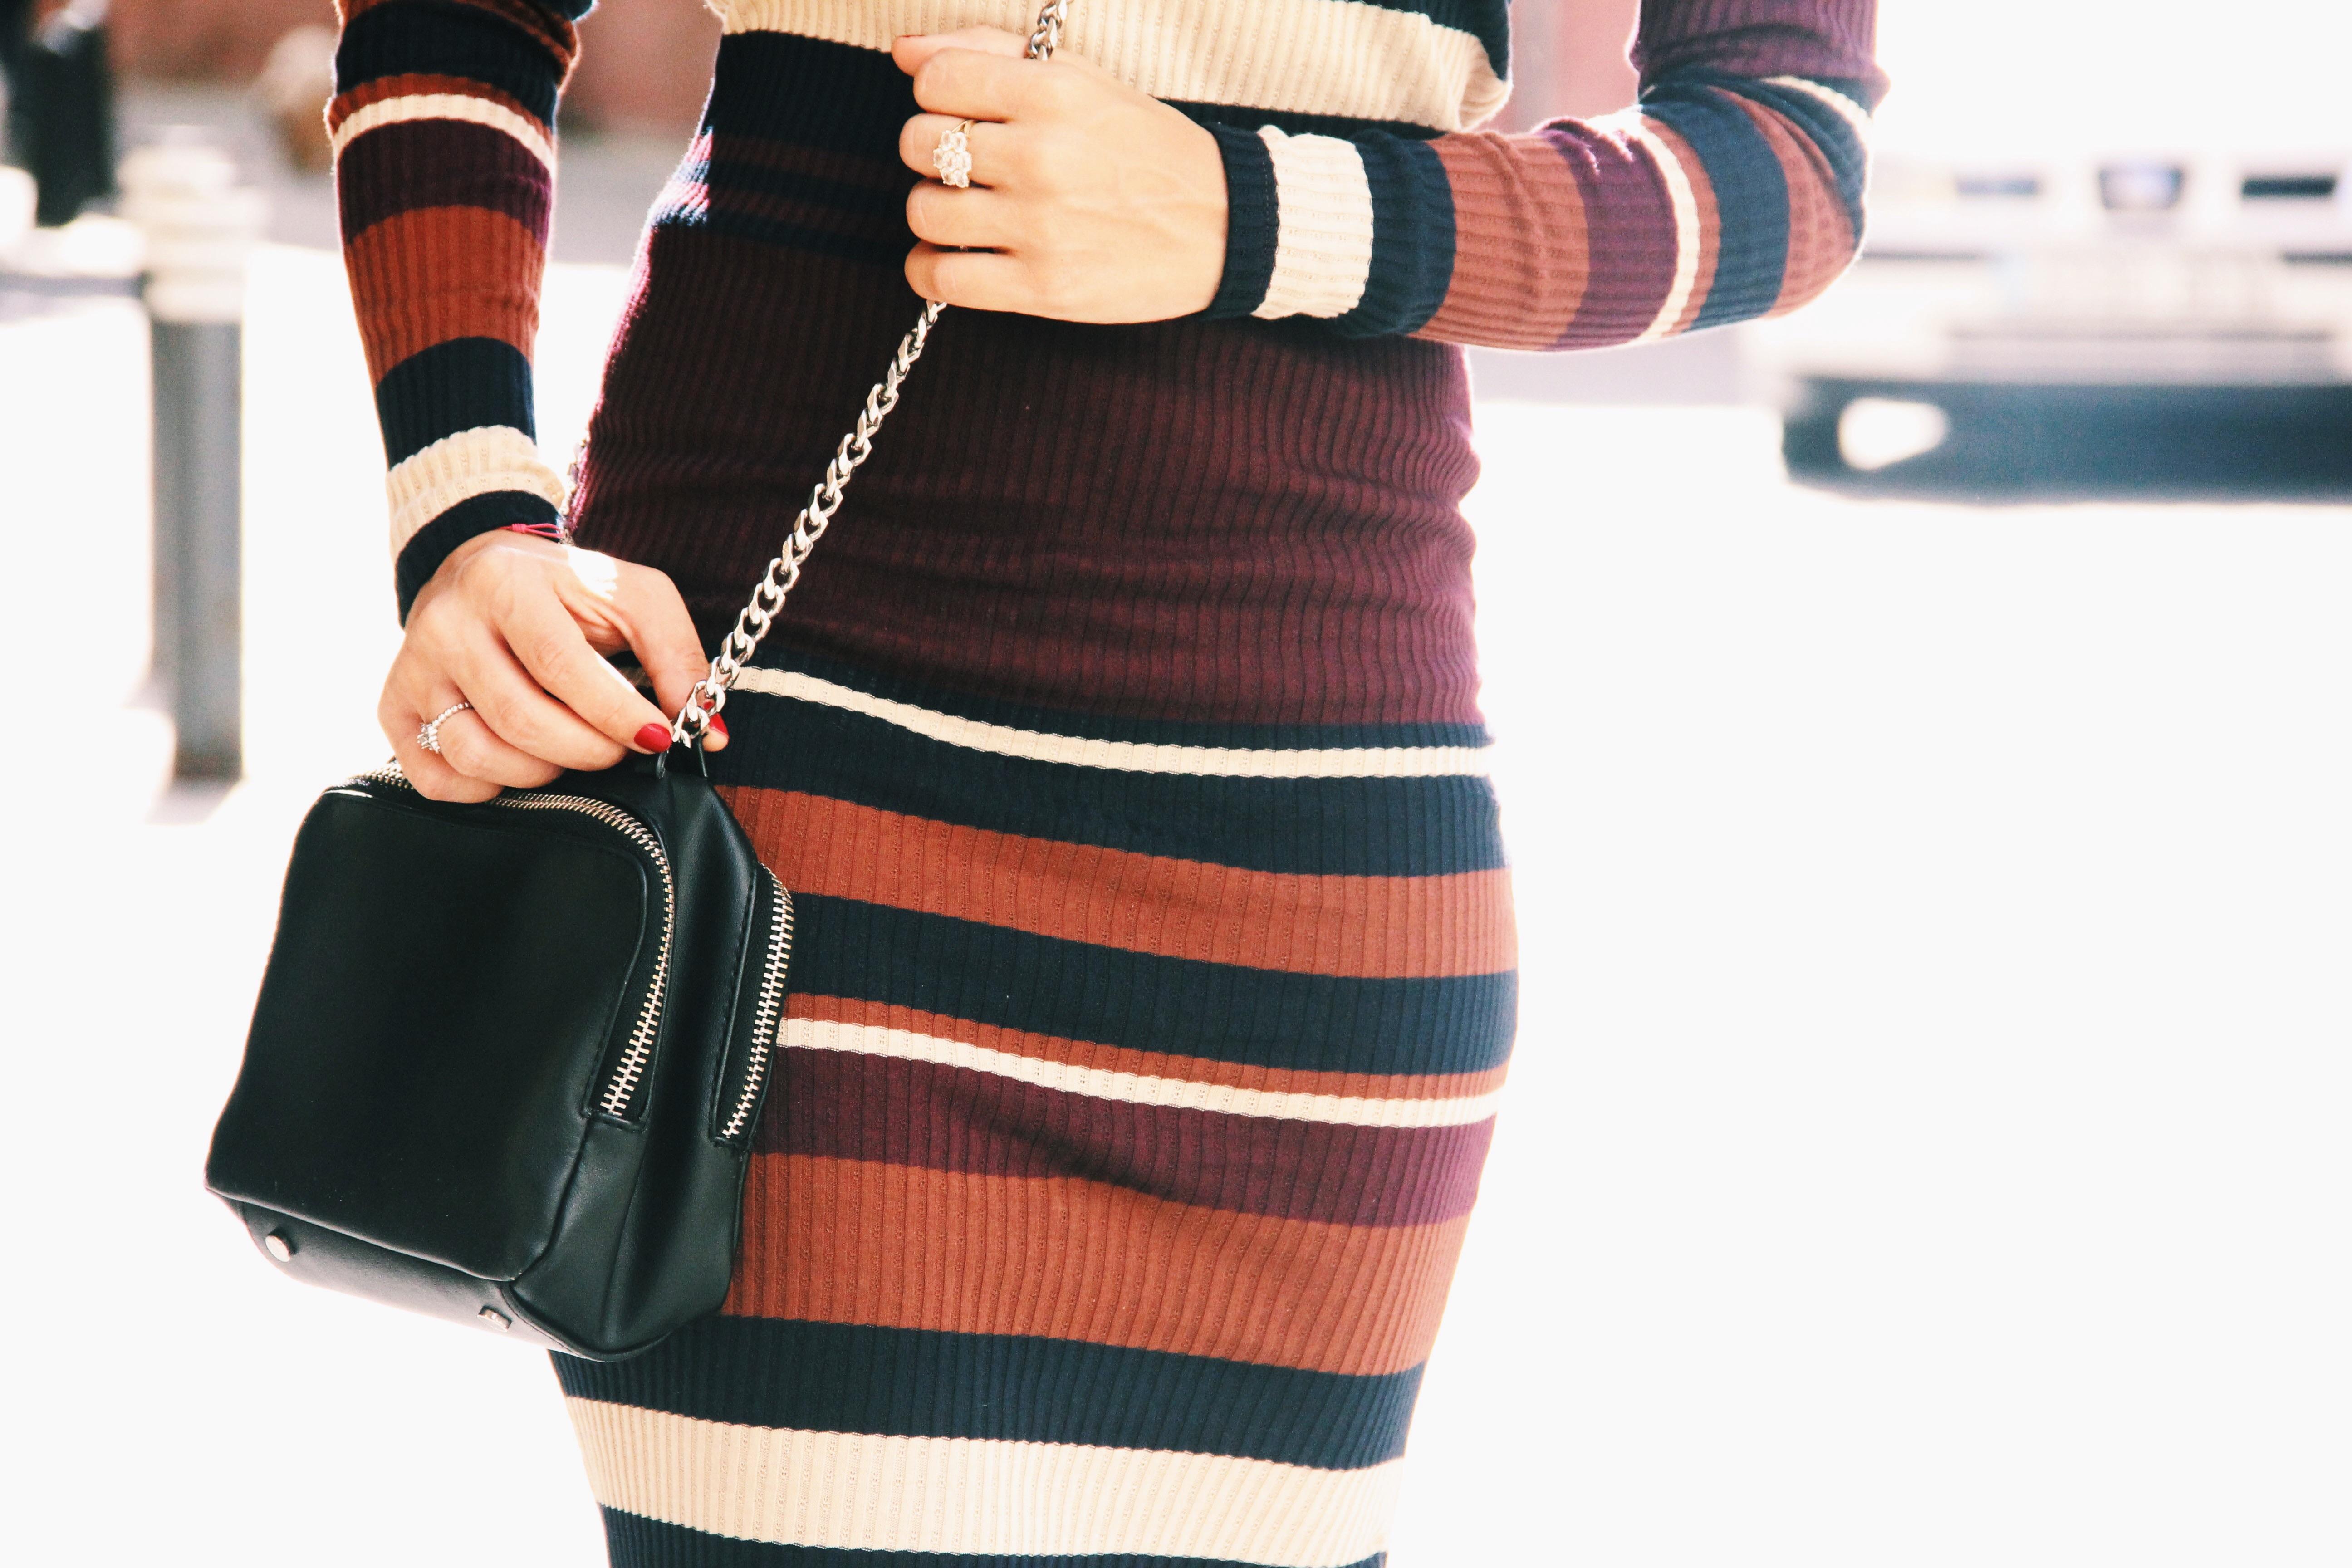 vestido_de_punto- vestido_de_rayas- knitwear- bichon_maltes-vestido_midi-Less_is_more-1